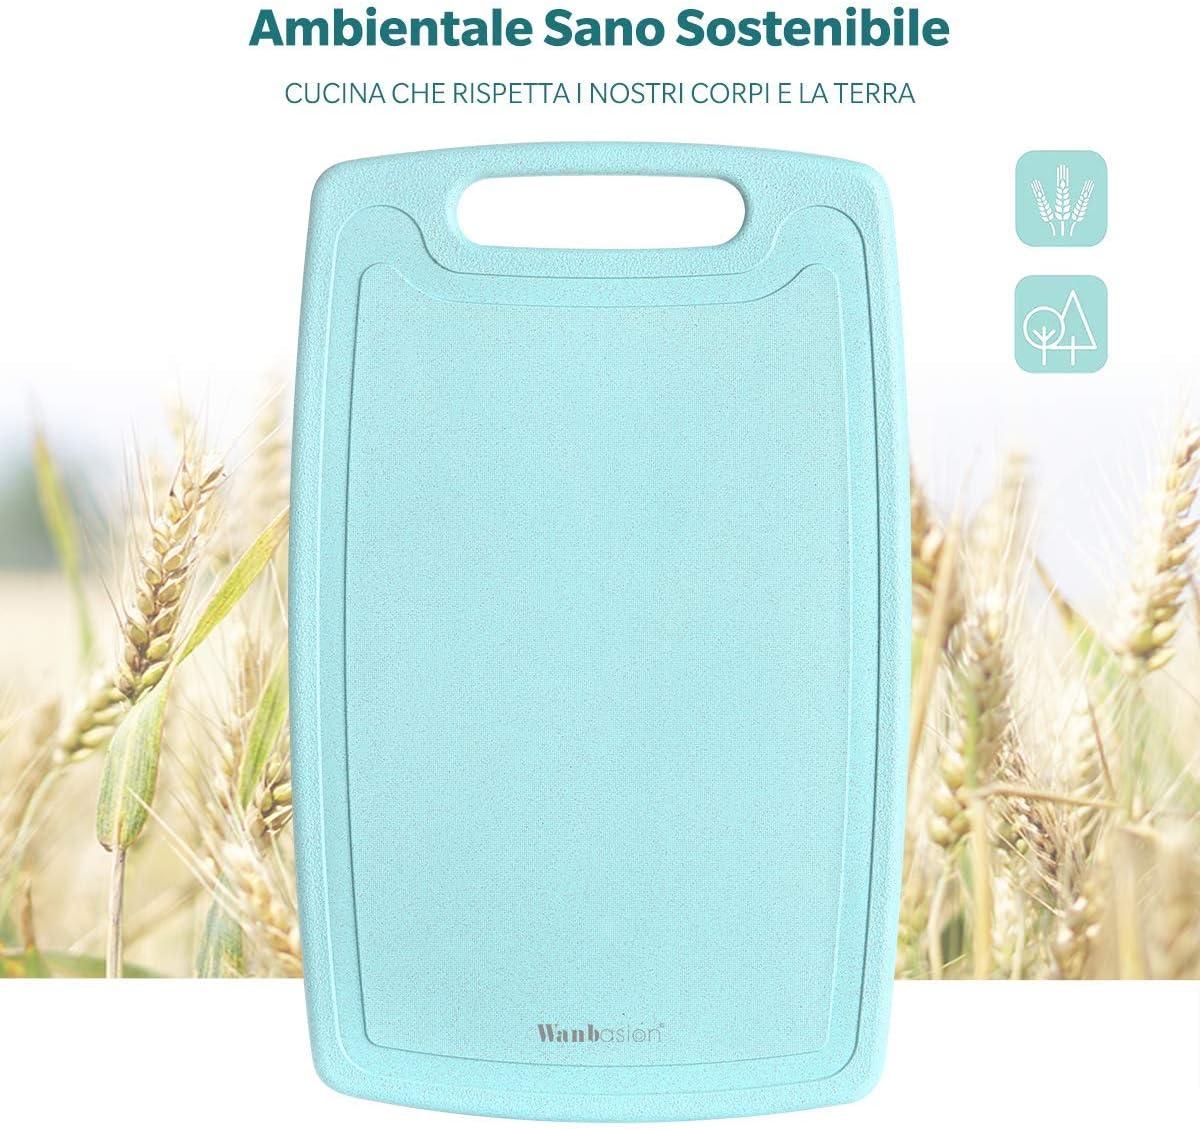 Wanbasion 3 Pezzi Tagliere da Cucina Professionale Polietilene Antiscivolo Set Coltelli da Cucina con Tagliere Resistente Tagliere da Cucina Grande Plastica Antibatterico